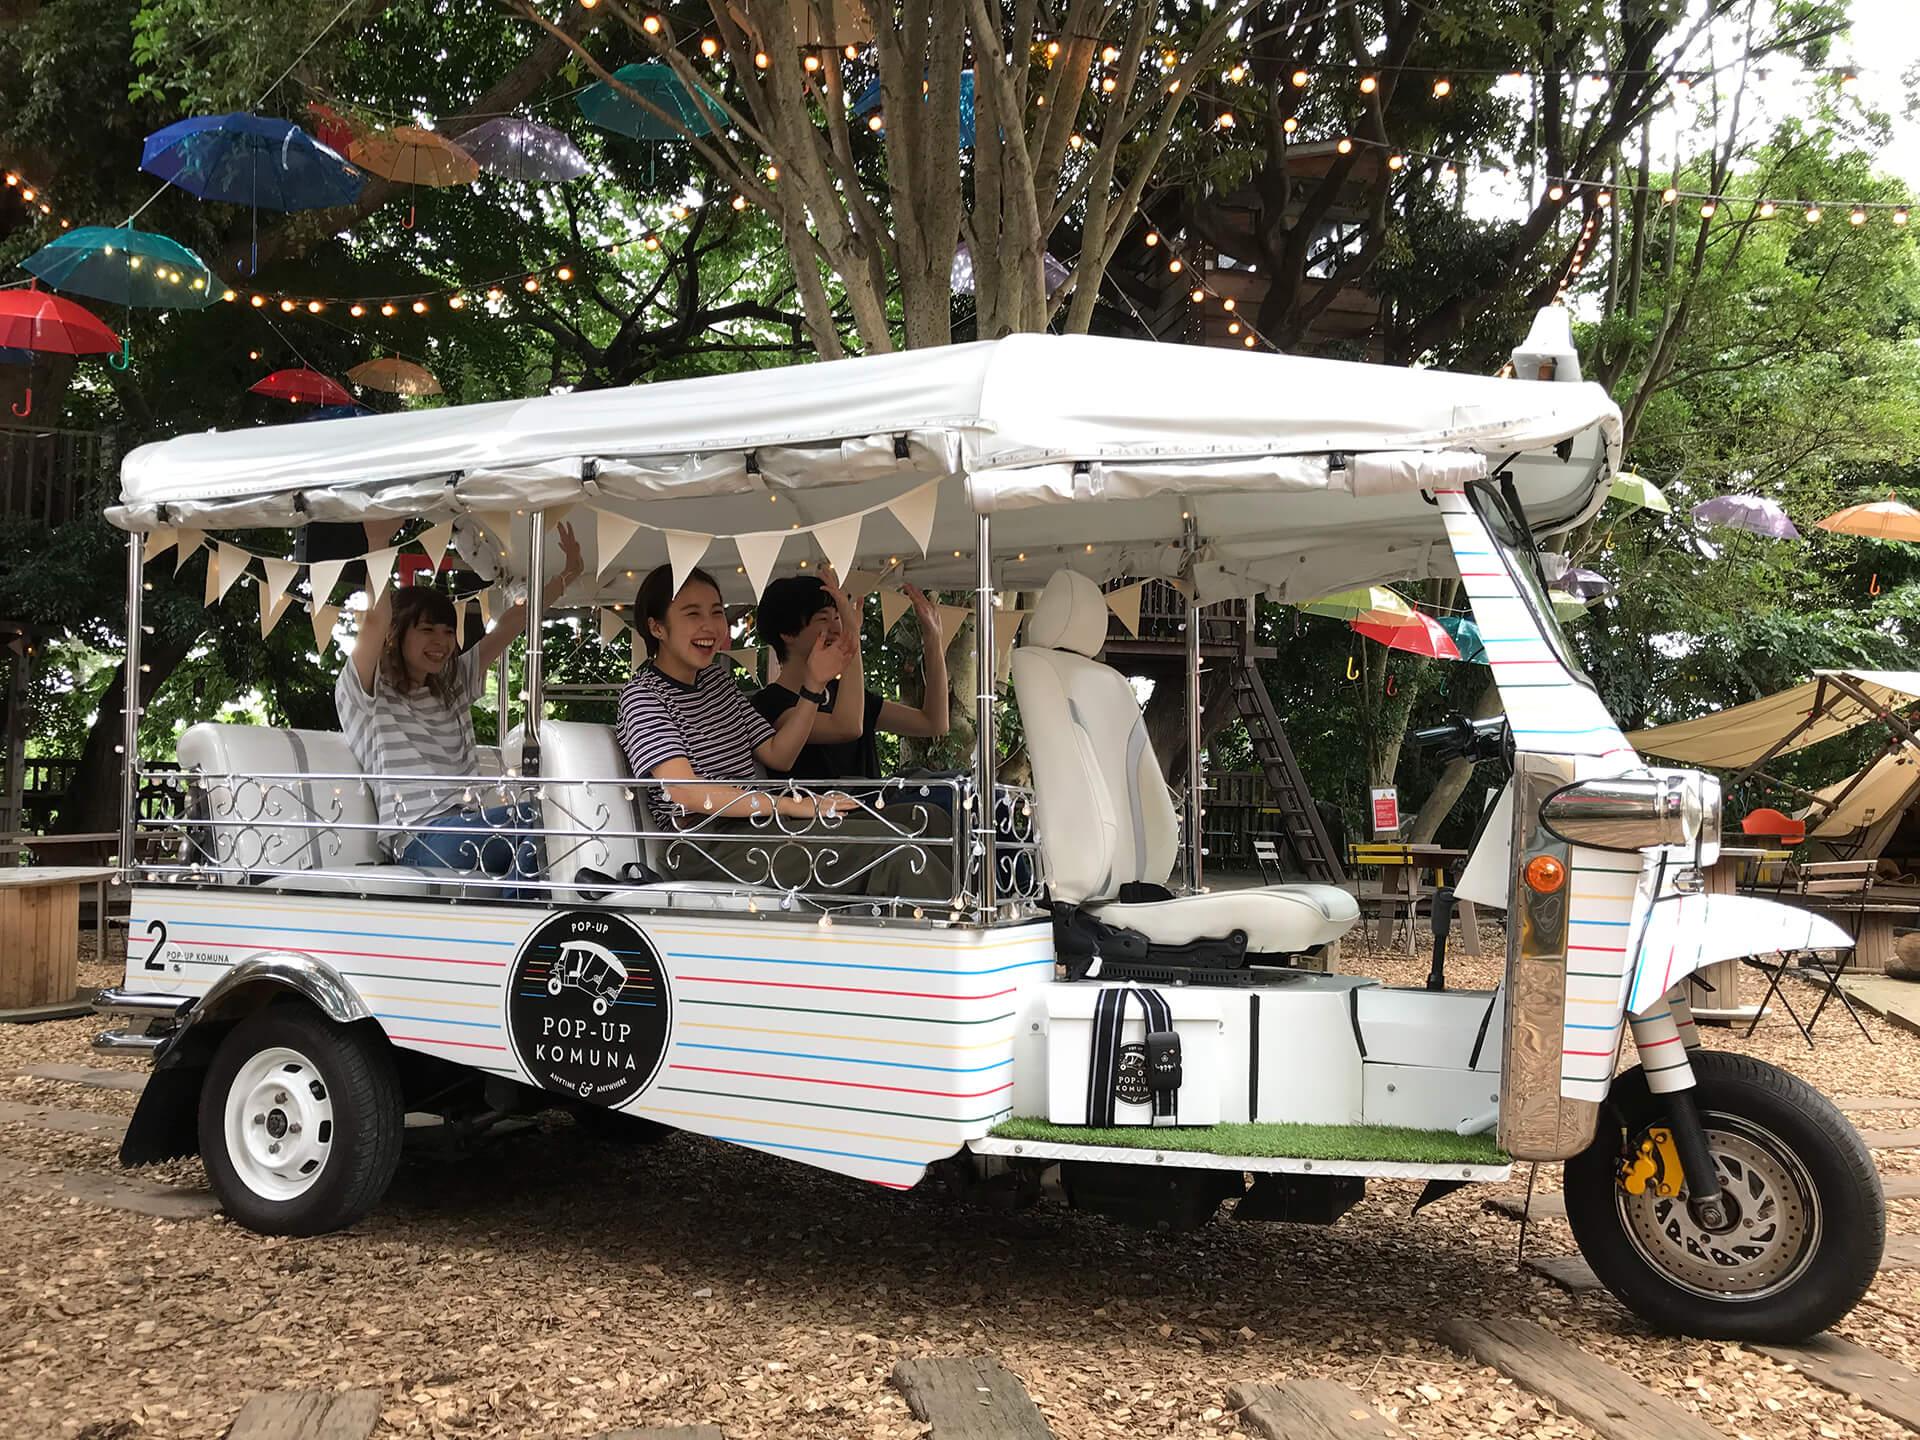 この写真はコムナdeビアガーデンで走る白いtuktuk「POP-UP KOMUNA2号」の実車